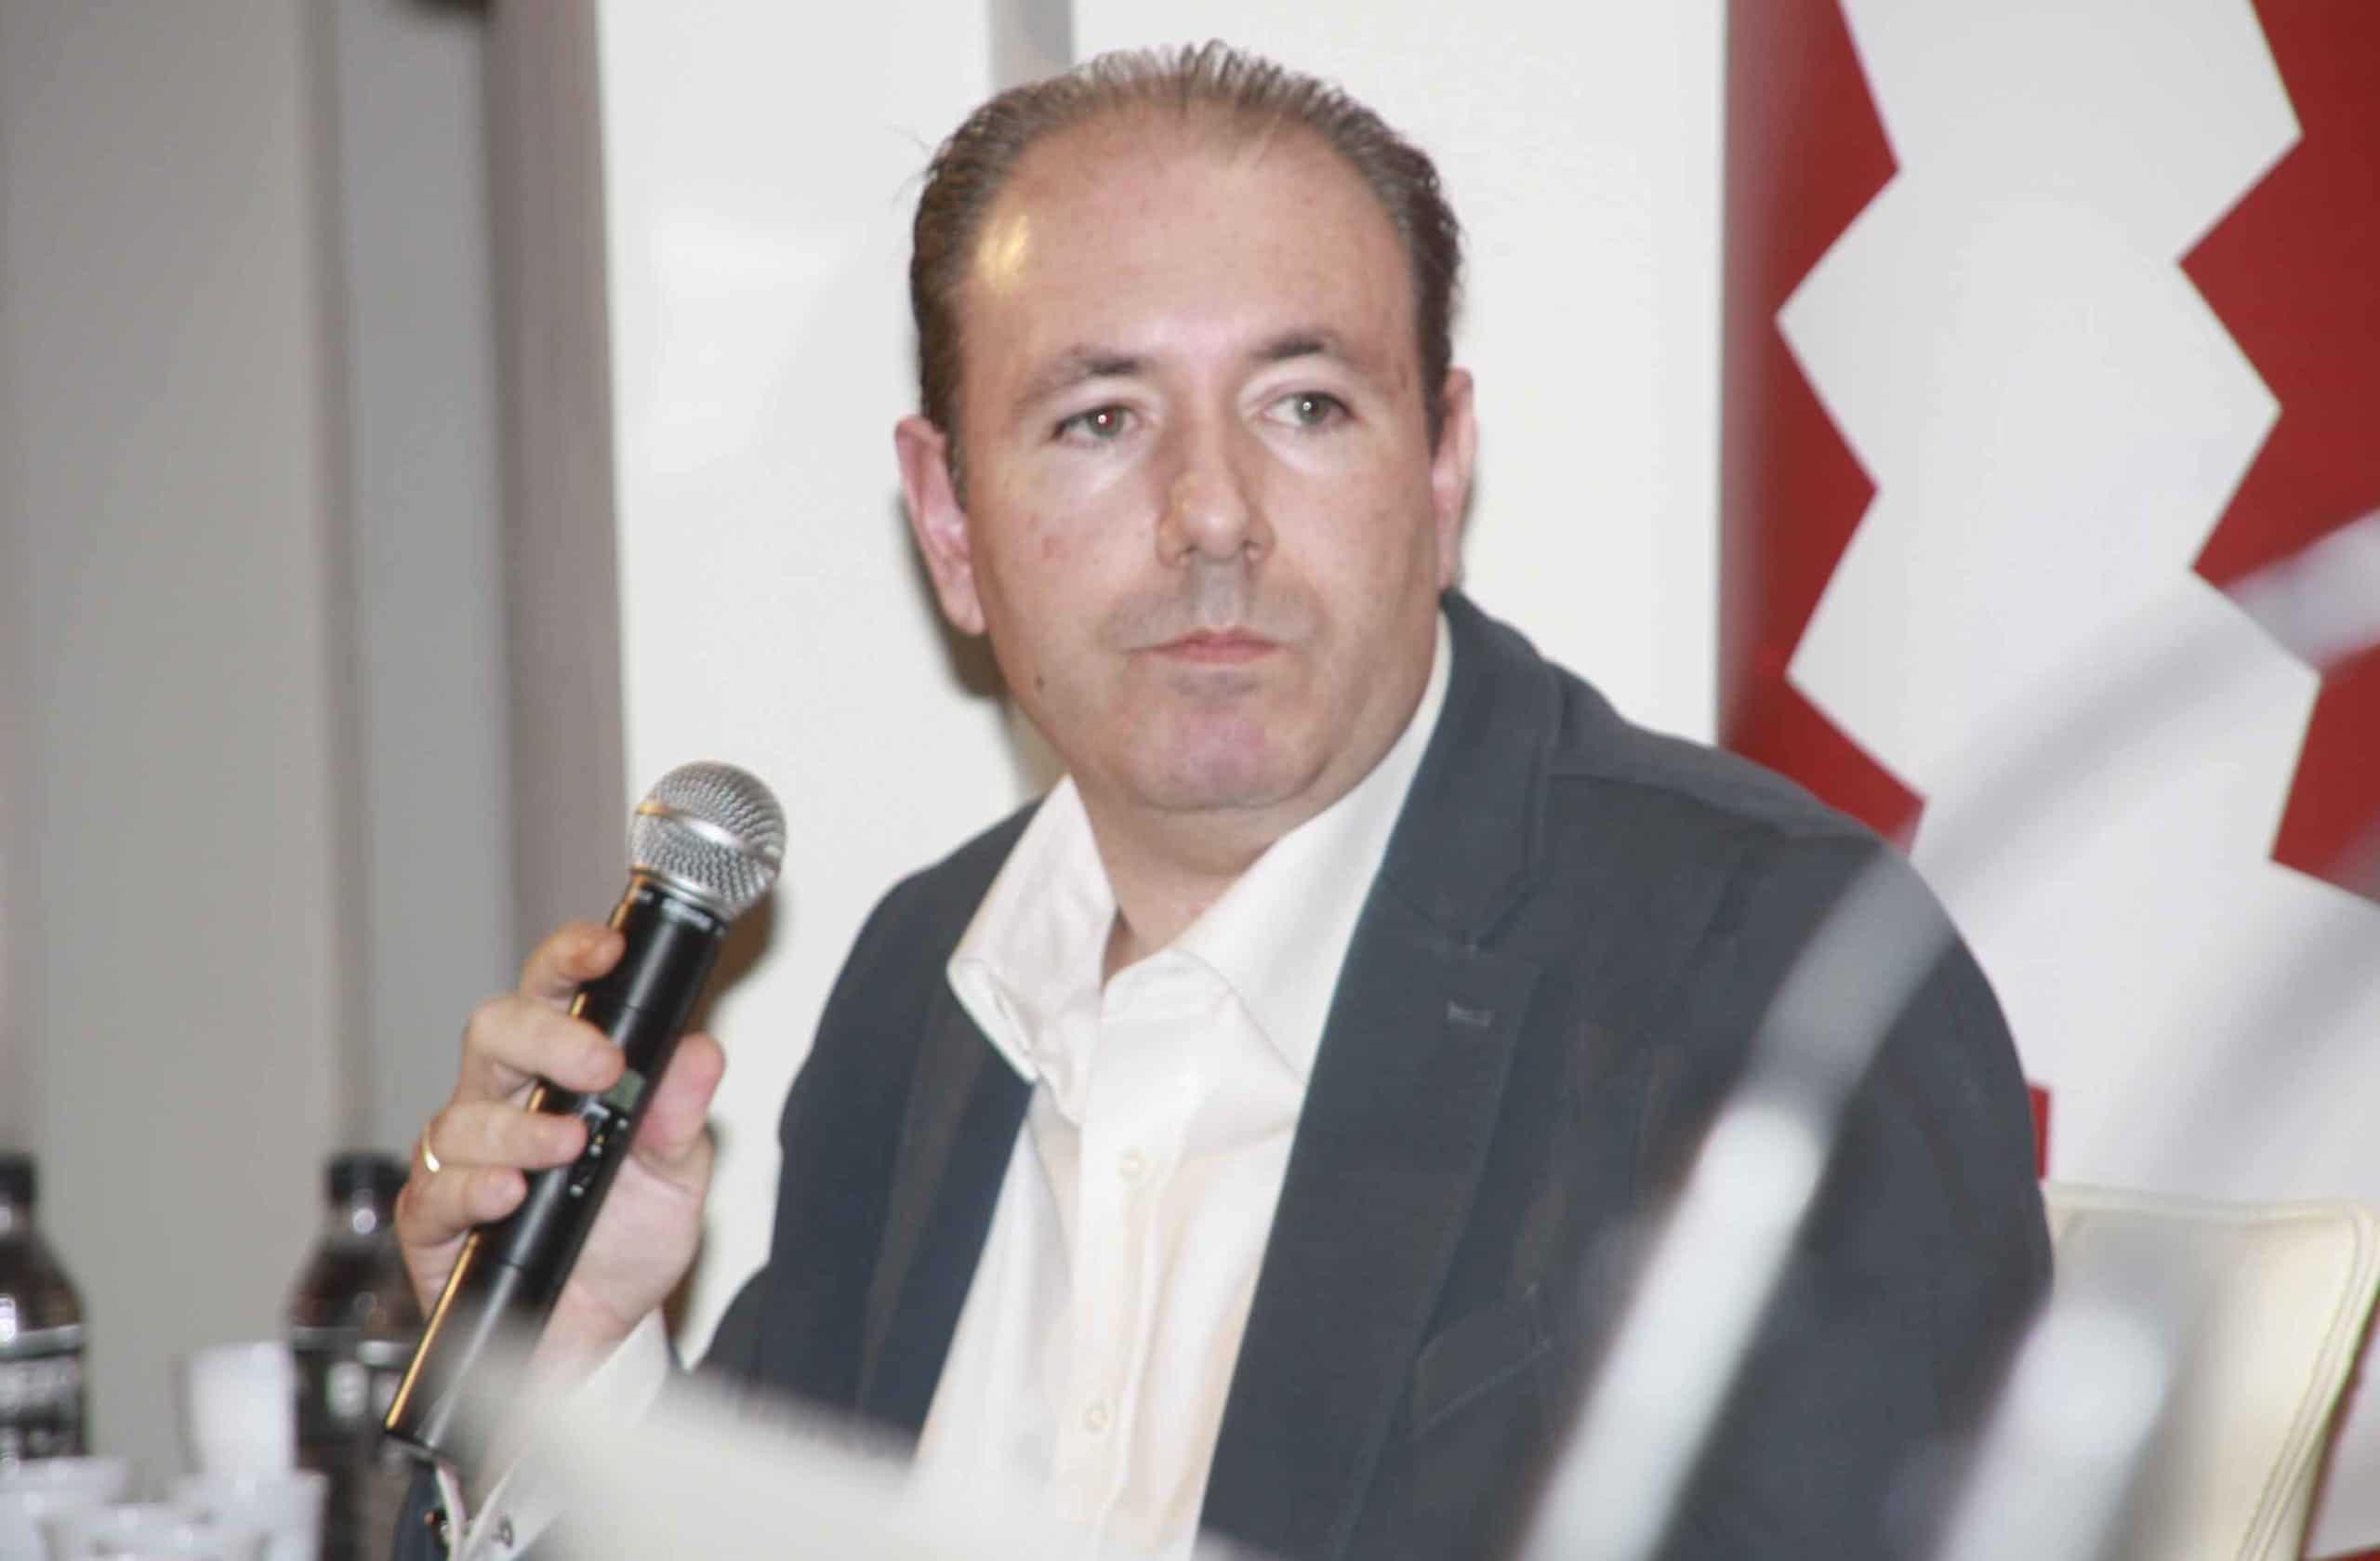 Ángel López es abogado de Madrid y se entregó a la causa desde el primer minuto. Confilegal.